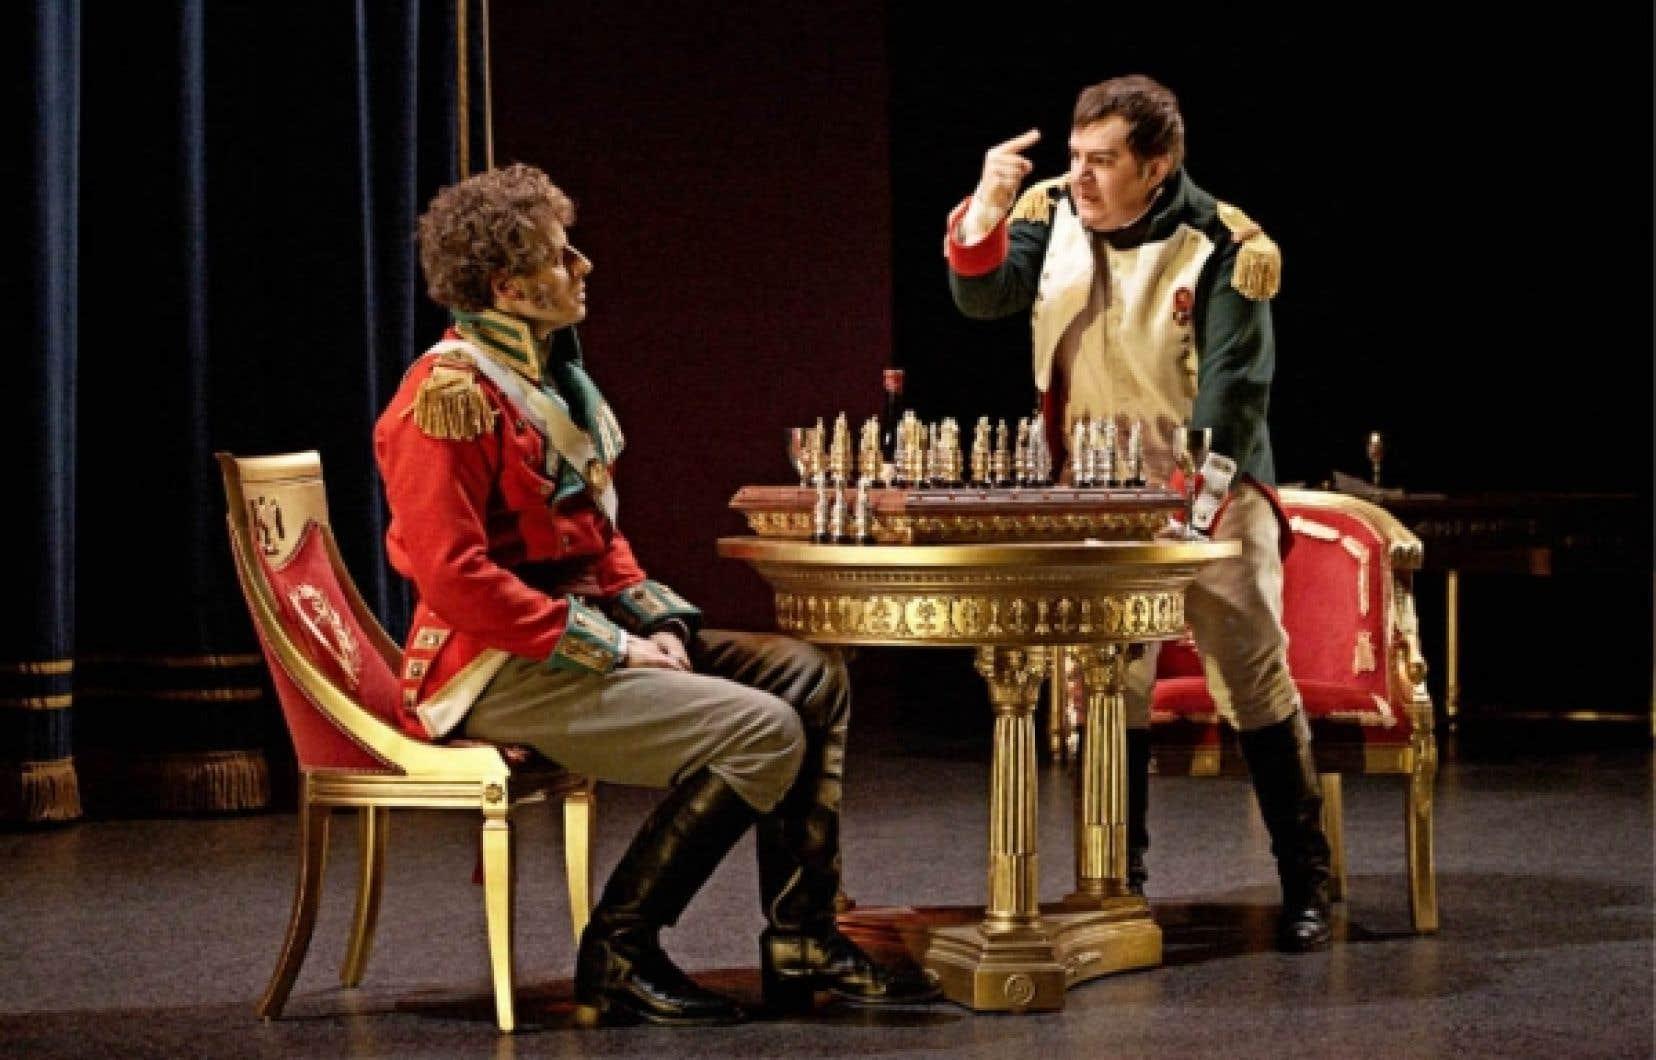 Gabriel Sabourin et Benoît Brière dans une scène de la pièce Une partie avec l'Empereur.